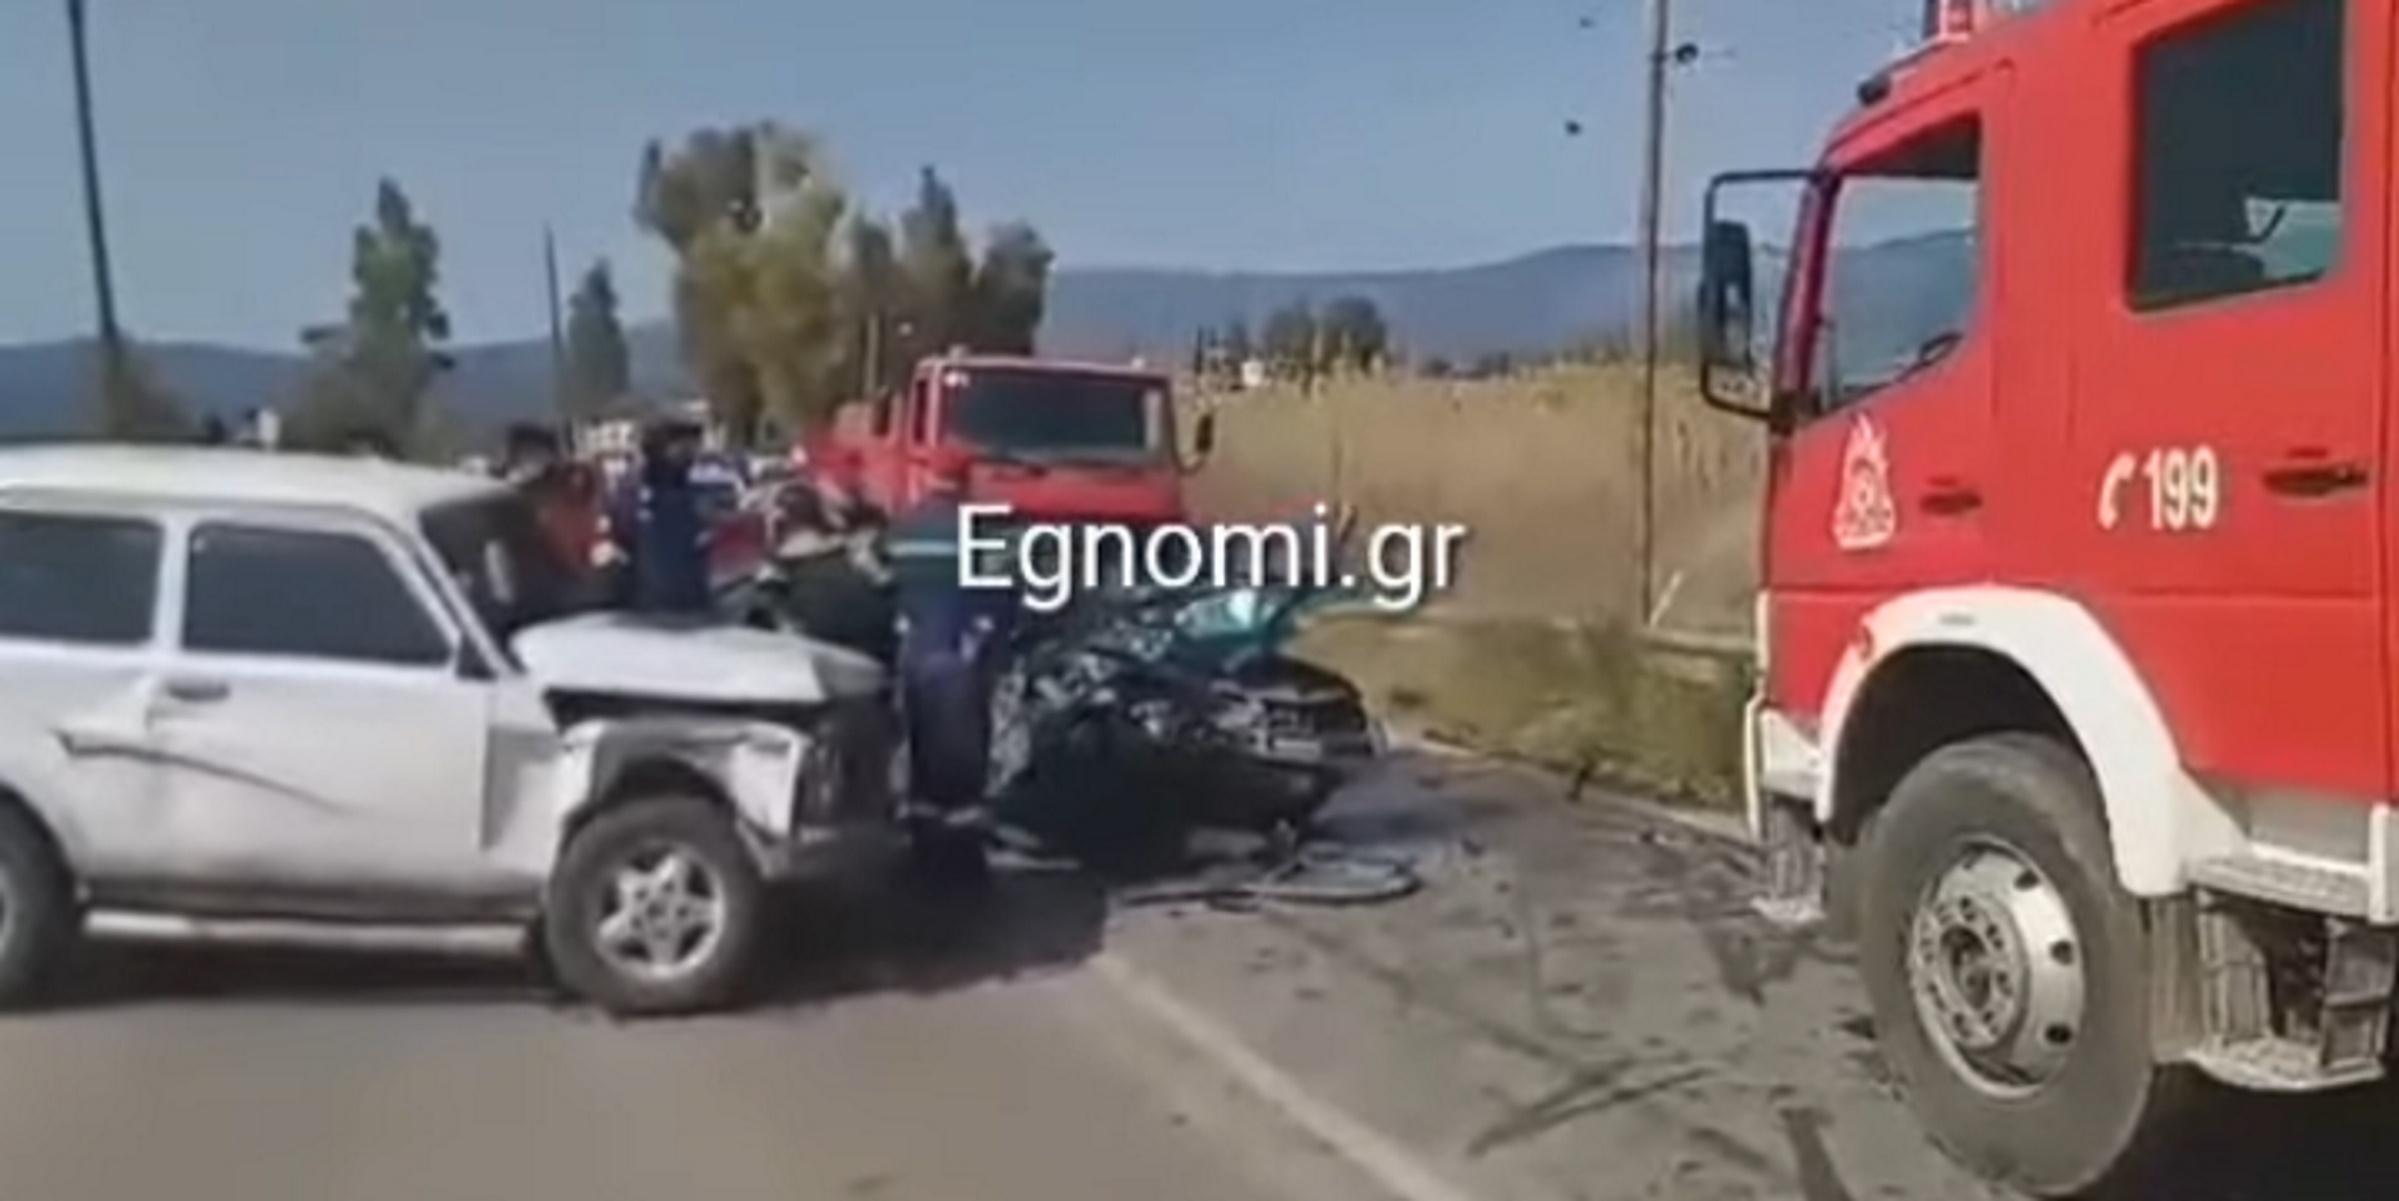 Θρήνος στην Εύβοια: Κατέληξε η 25χρονη που τραυματίστηκε σε τροχαίο – Νοσηλεύεται το μωρό της (video)